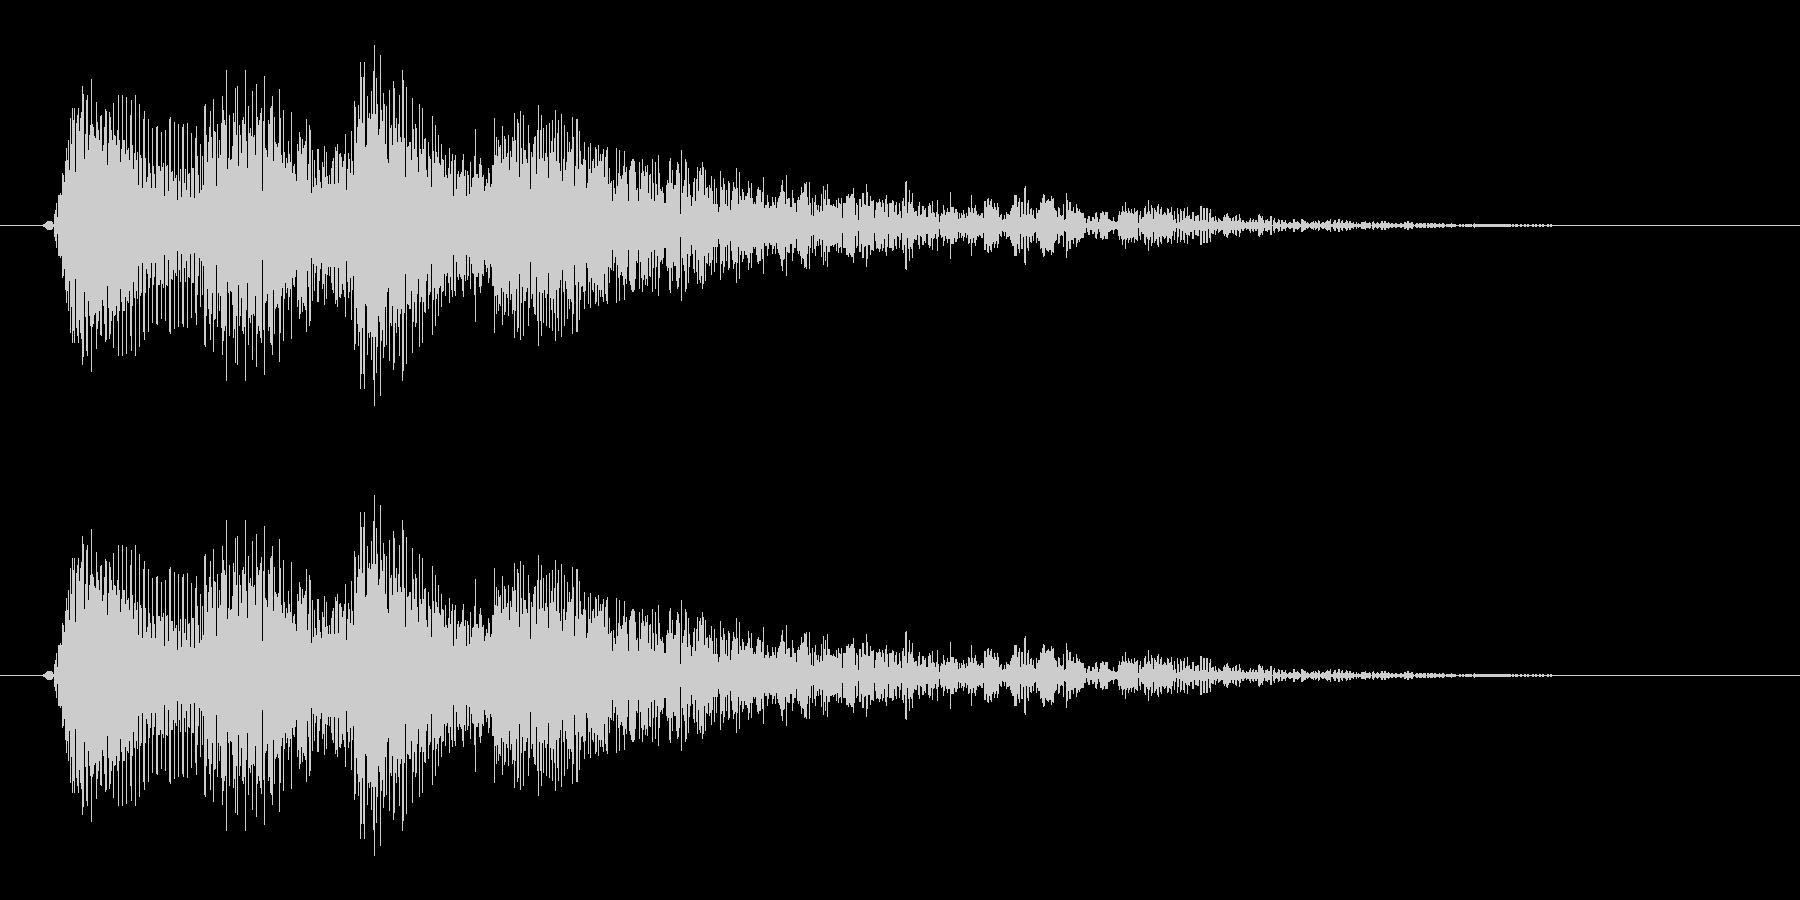 シンセサイザーで作ったマンガチックな琴…の未再生の波形